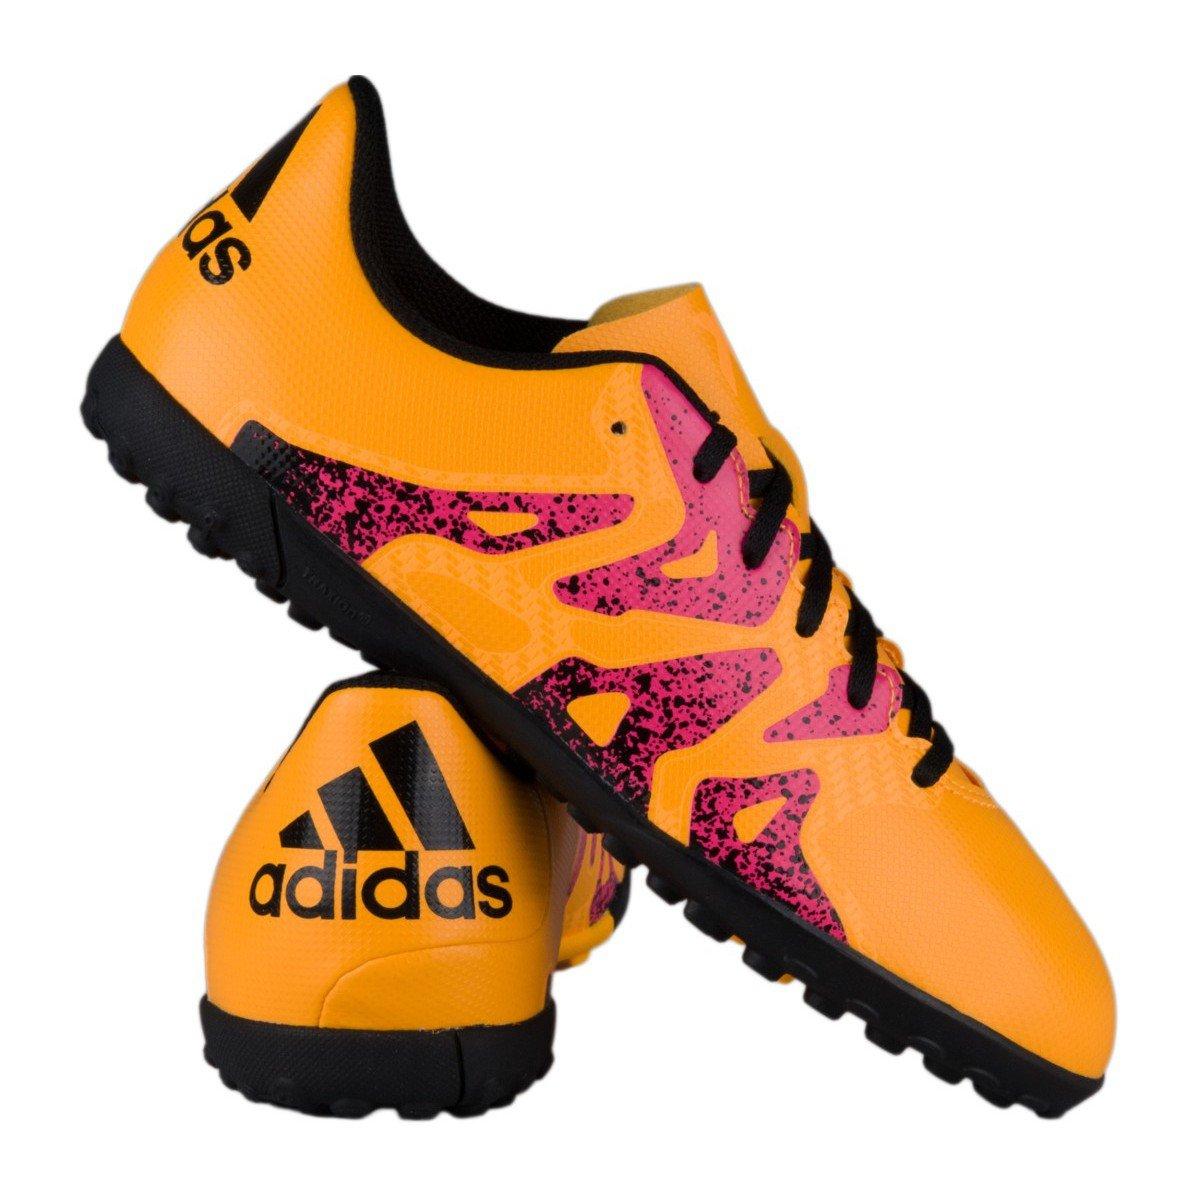 Adidas Buty Dzieciece Turfy S74611 Pomaranczowy Rozmiar 29 Adidas Sport Sklep Empik Com